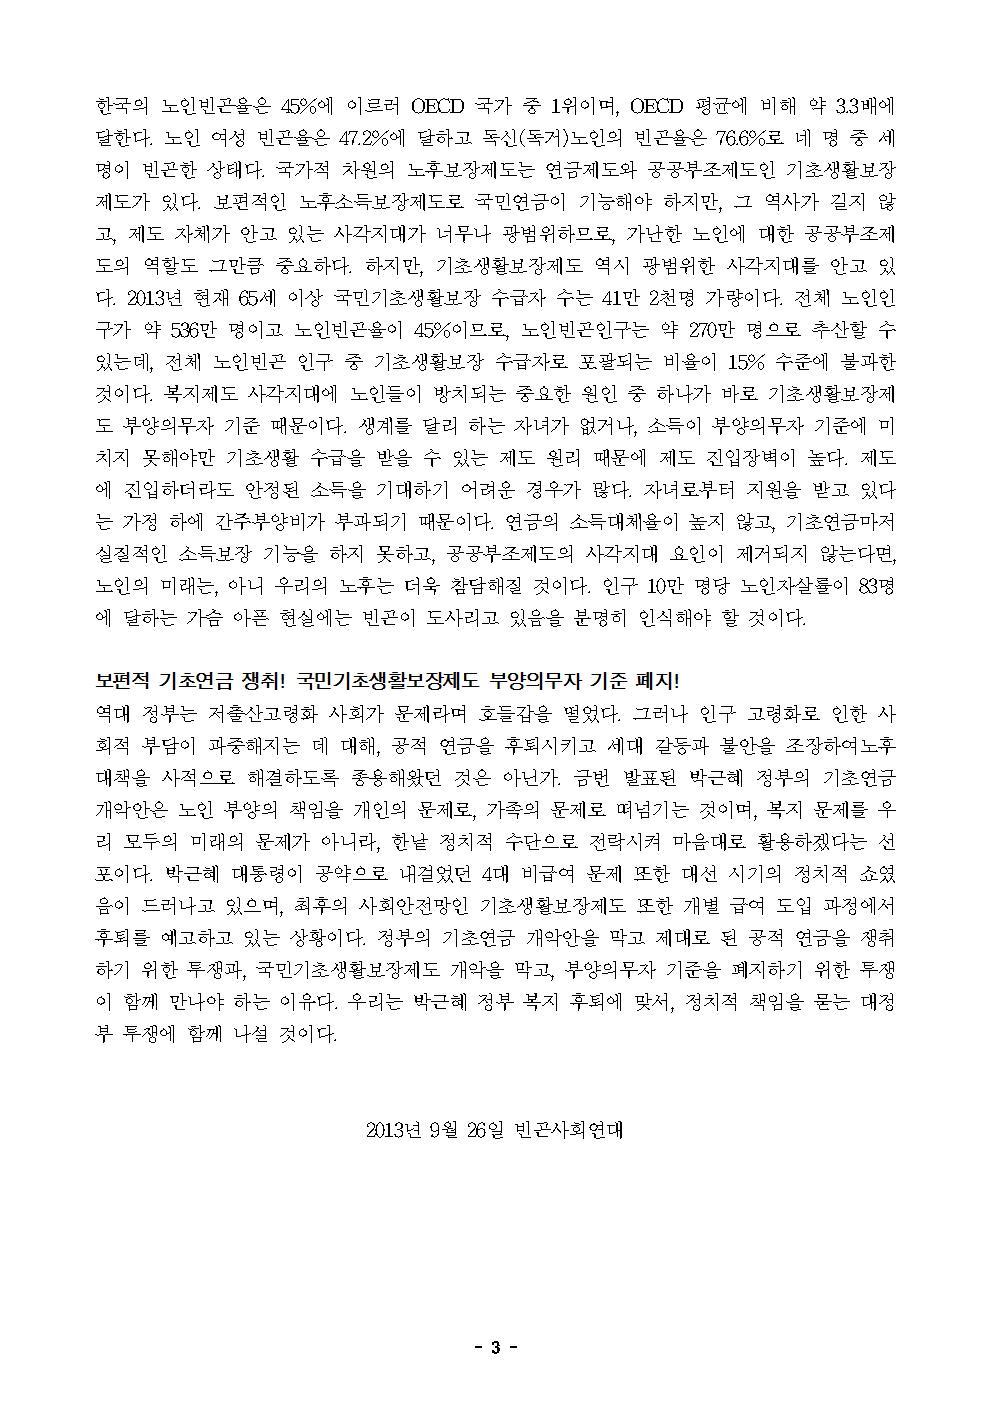 [성명]20130926_기초연금성명(빈곤사회연대)003.jpg